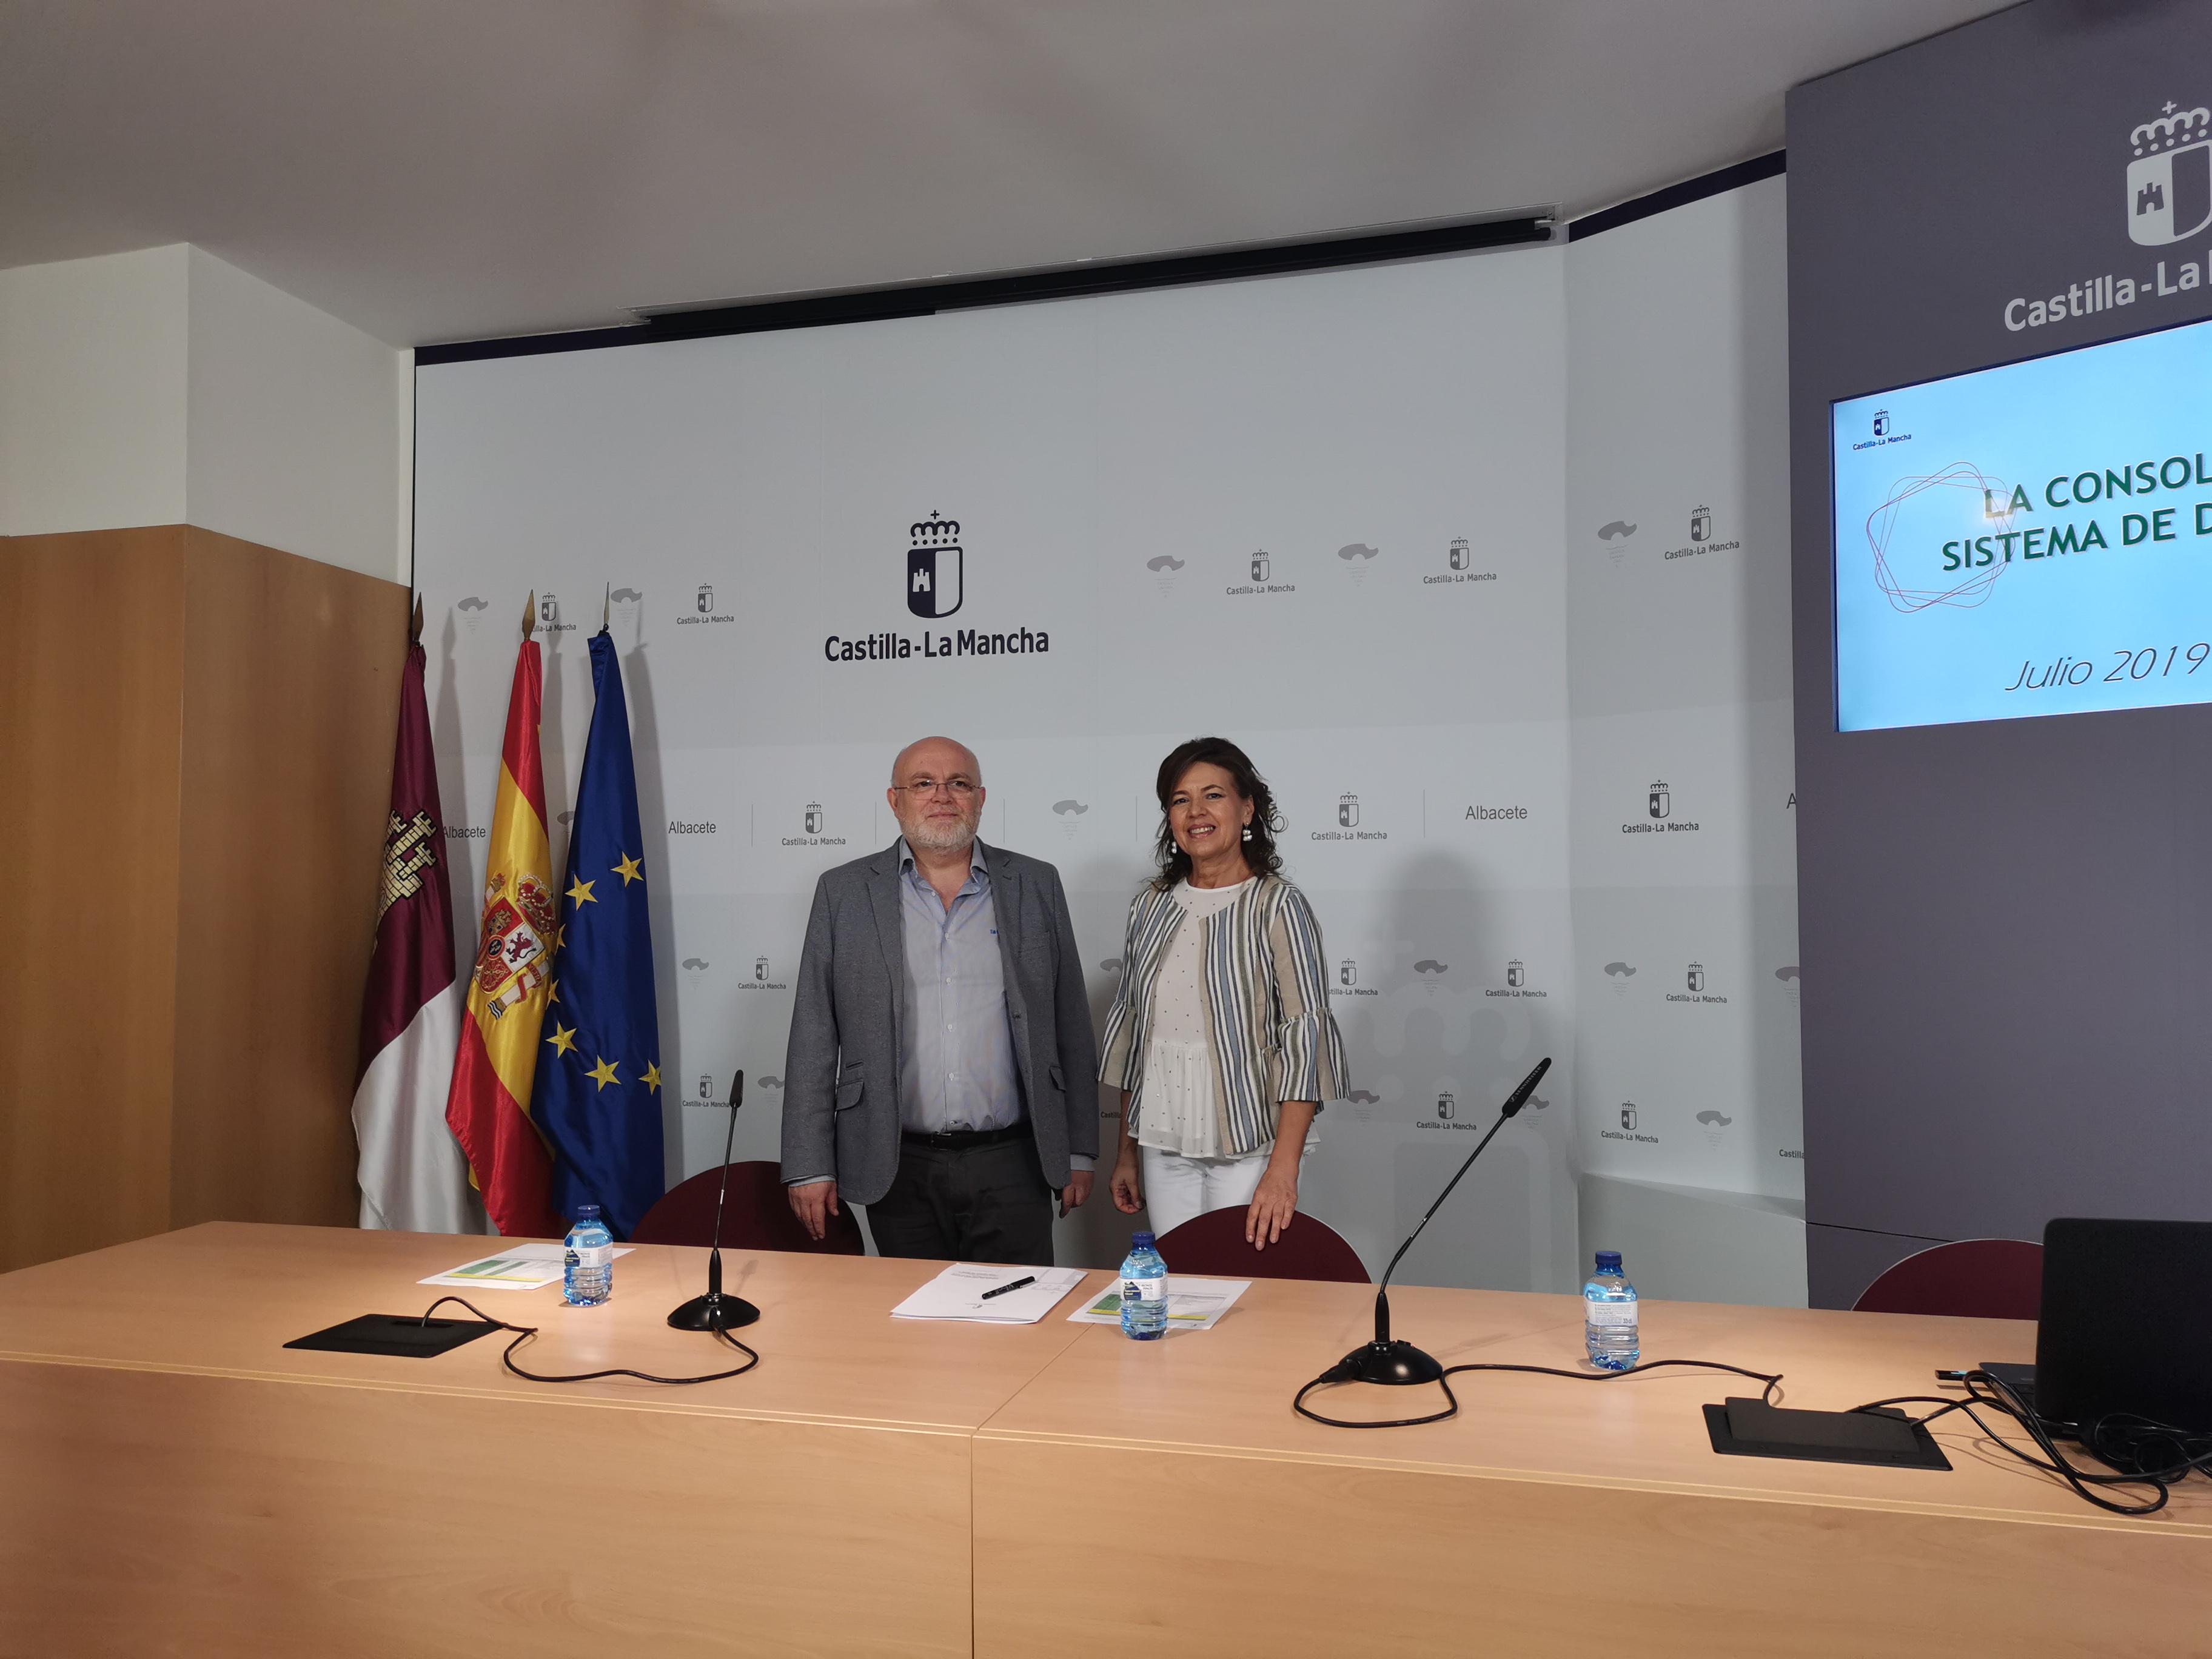 El Gobierno de Castilla-La Mancha consolida la tendencia positiva de su Sistema de Dependencia que llega en julio a los casi 61.000 beneficiarios